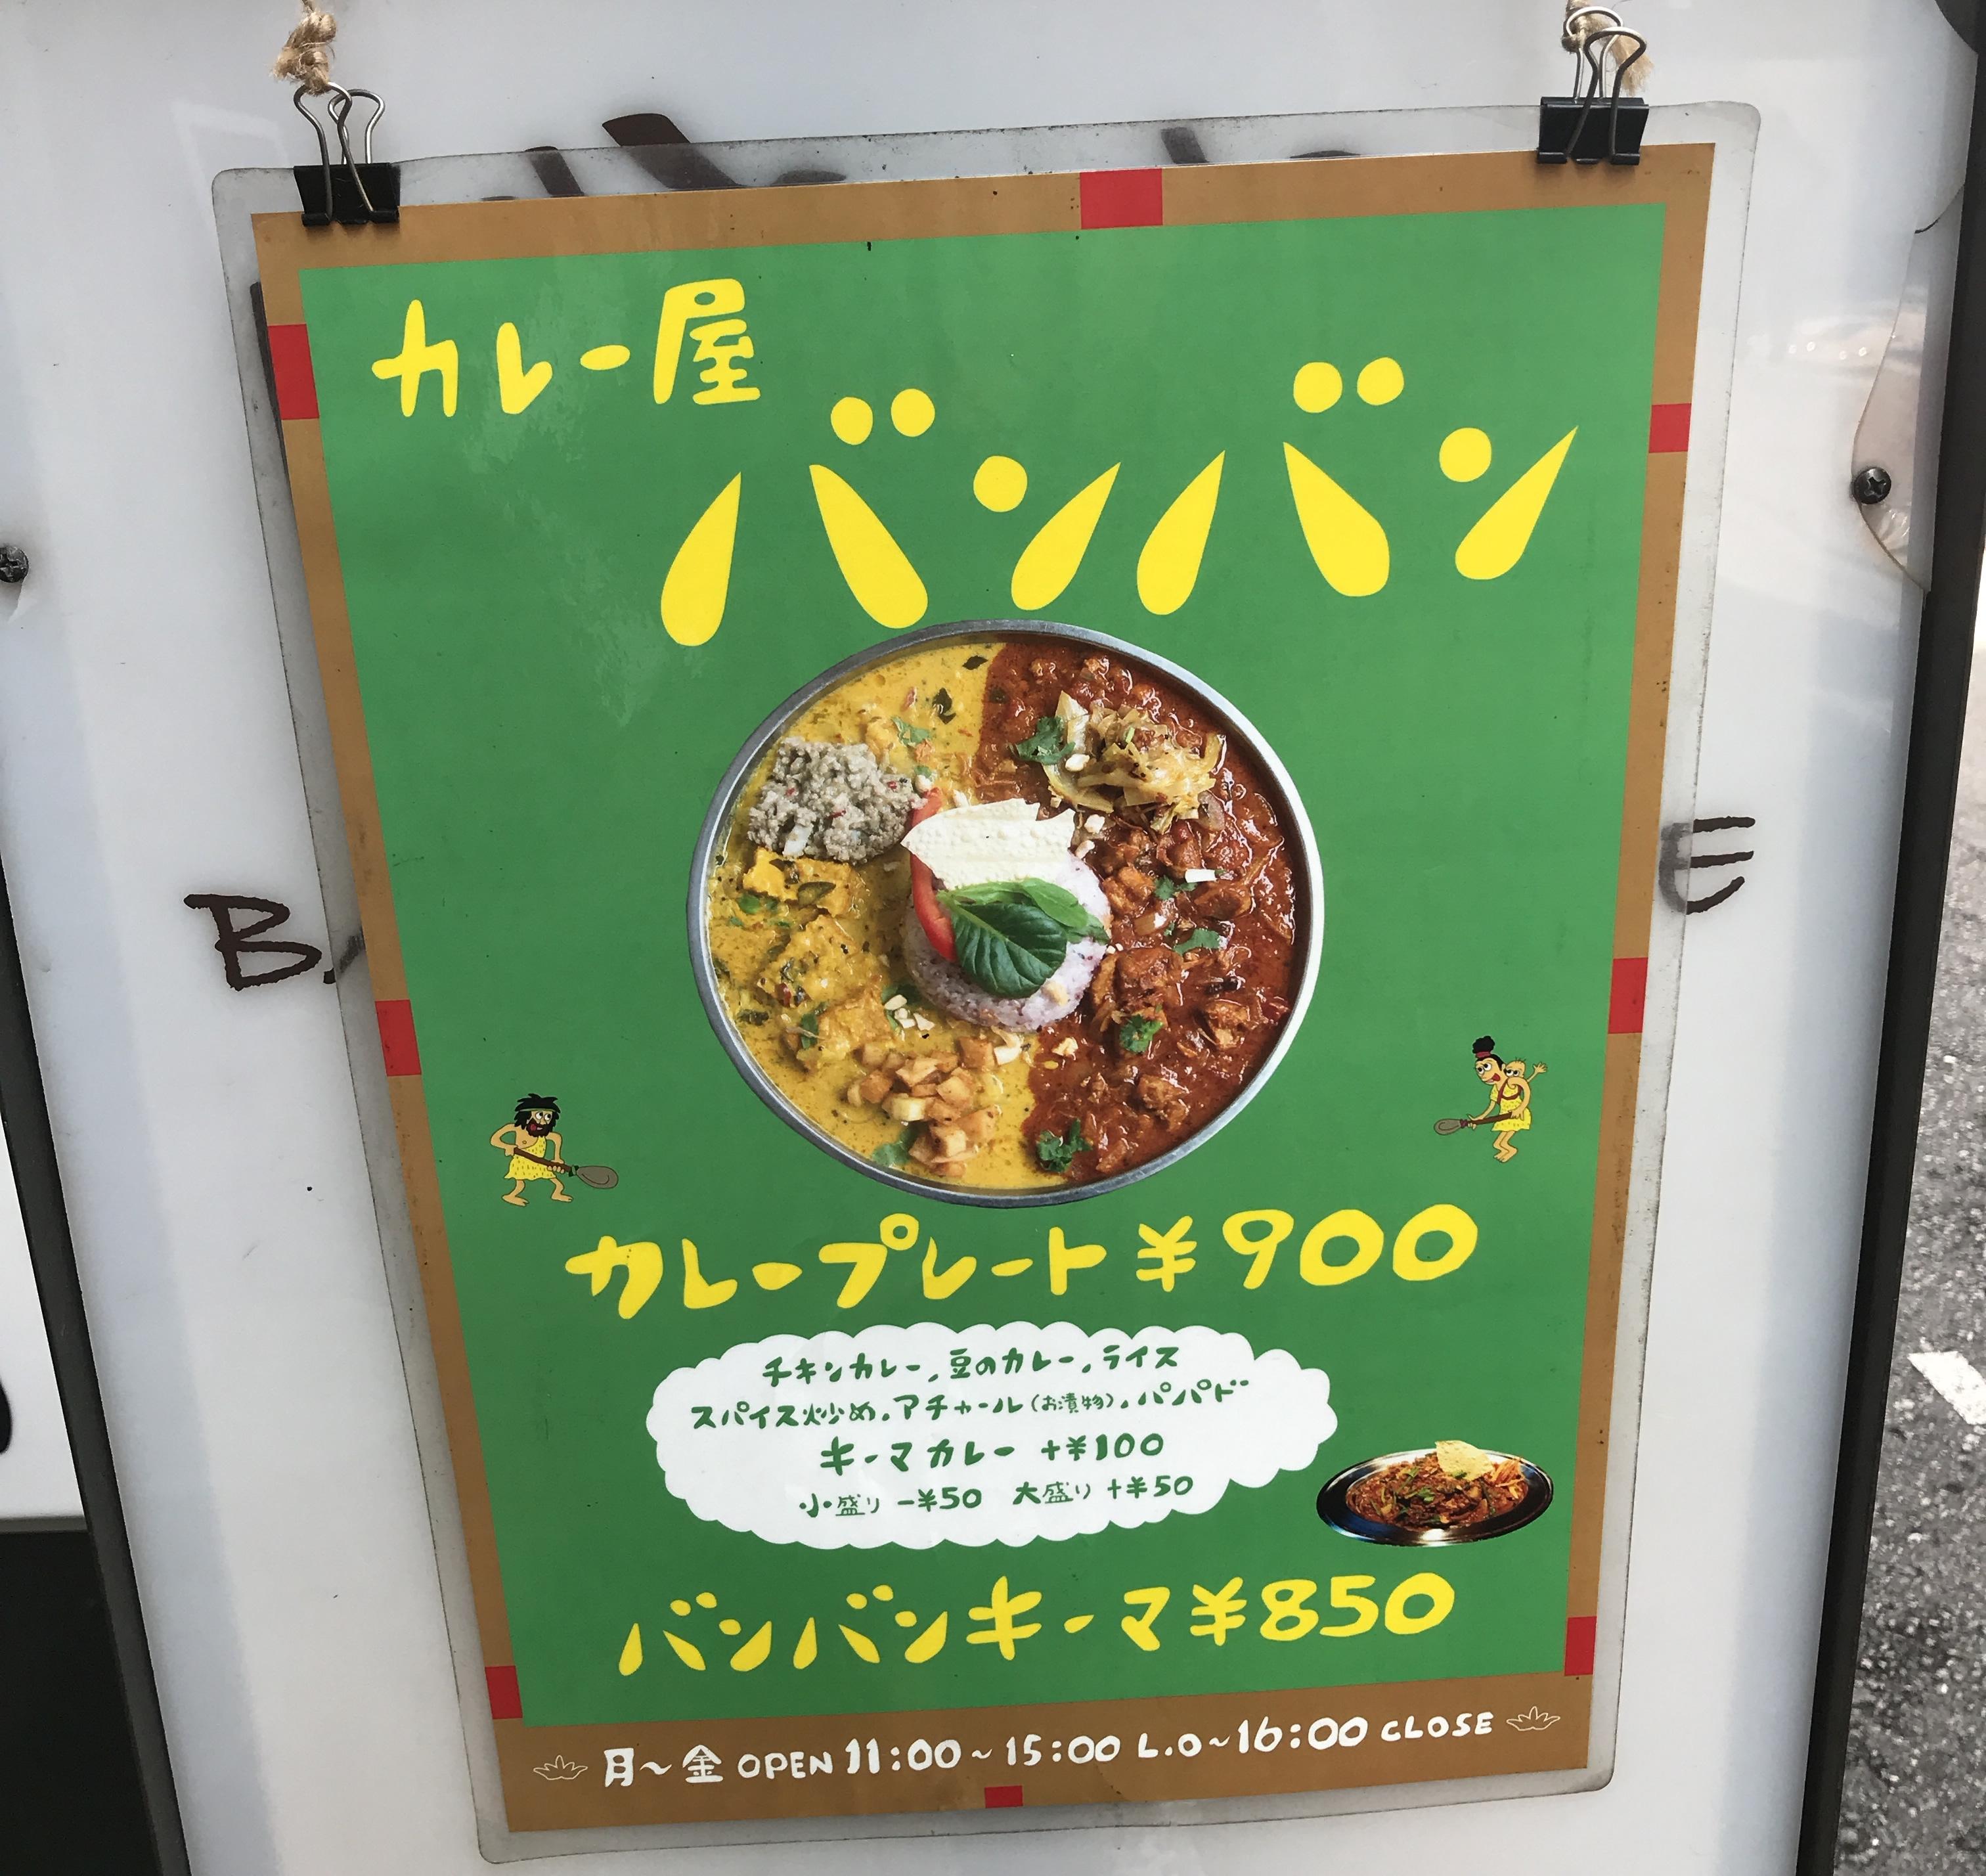 カレー屋バンバン 大阪 なんば スパイスカレーランチにもおすすめ